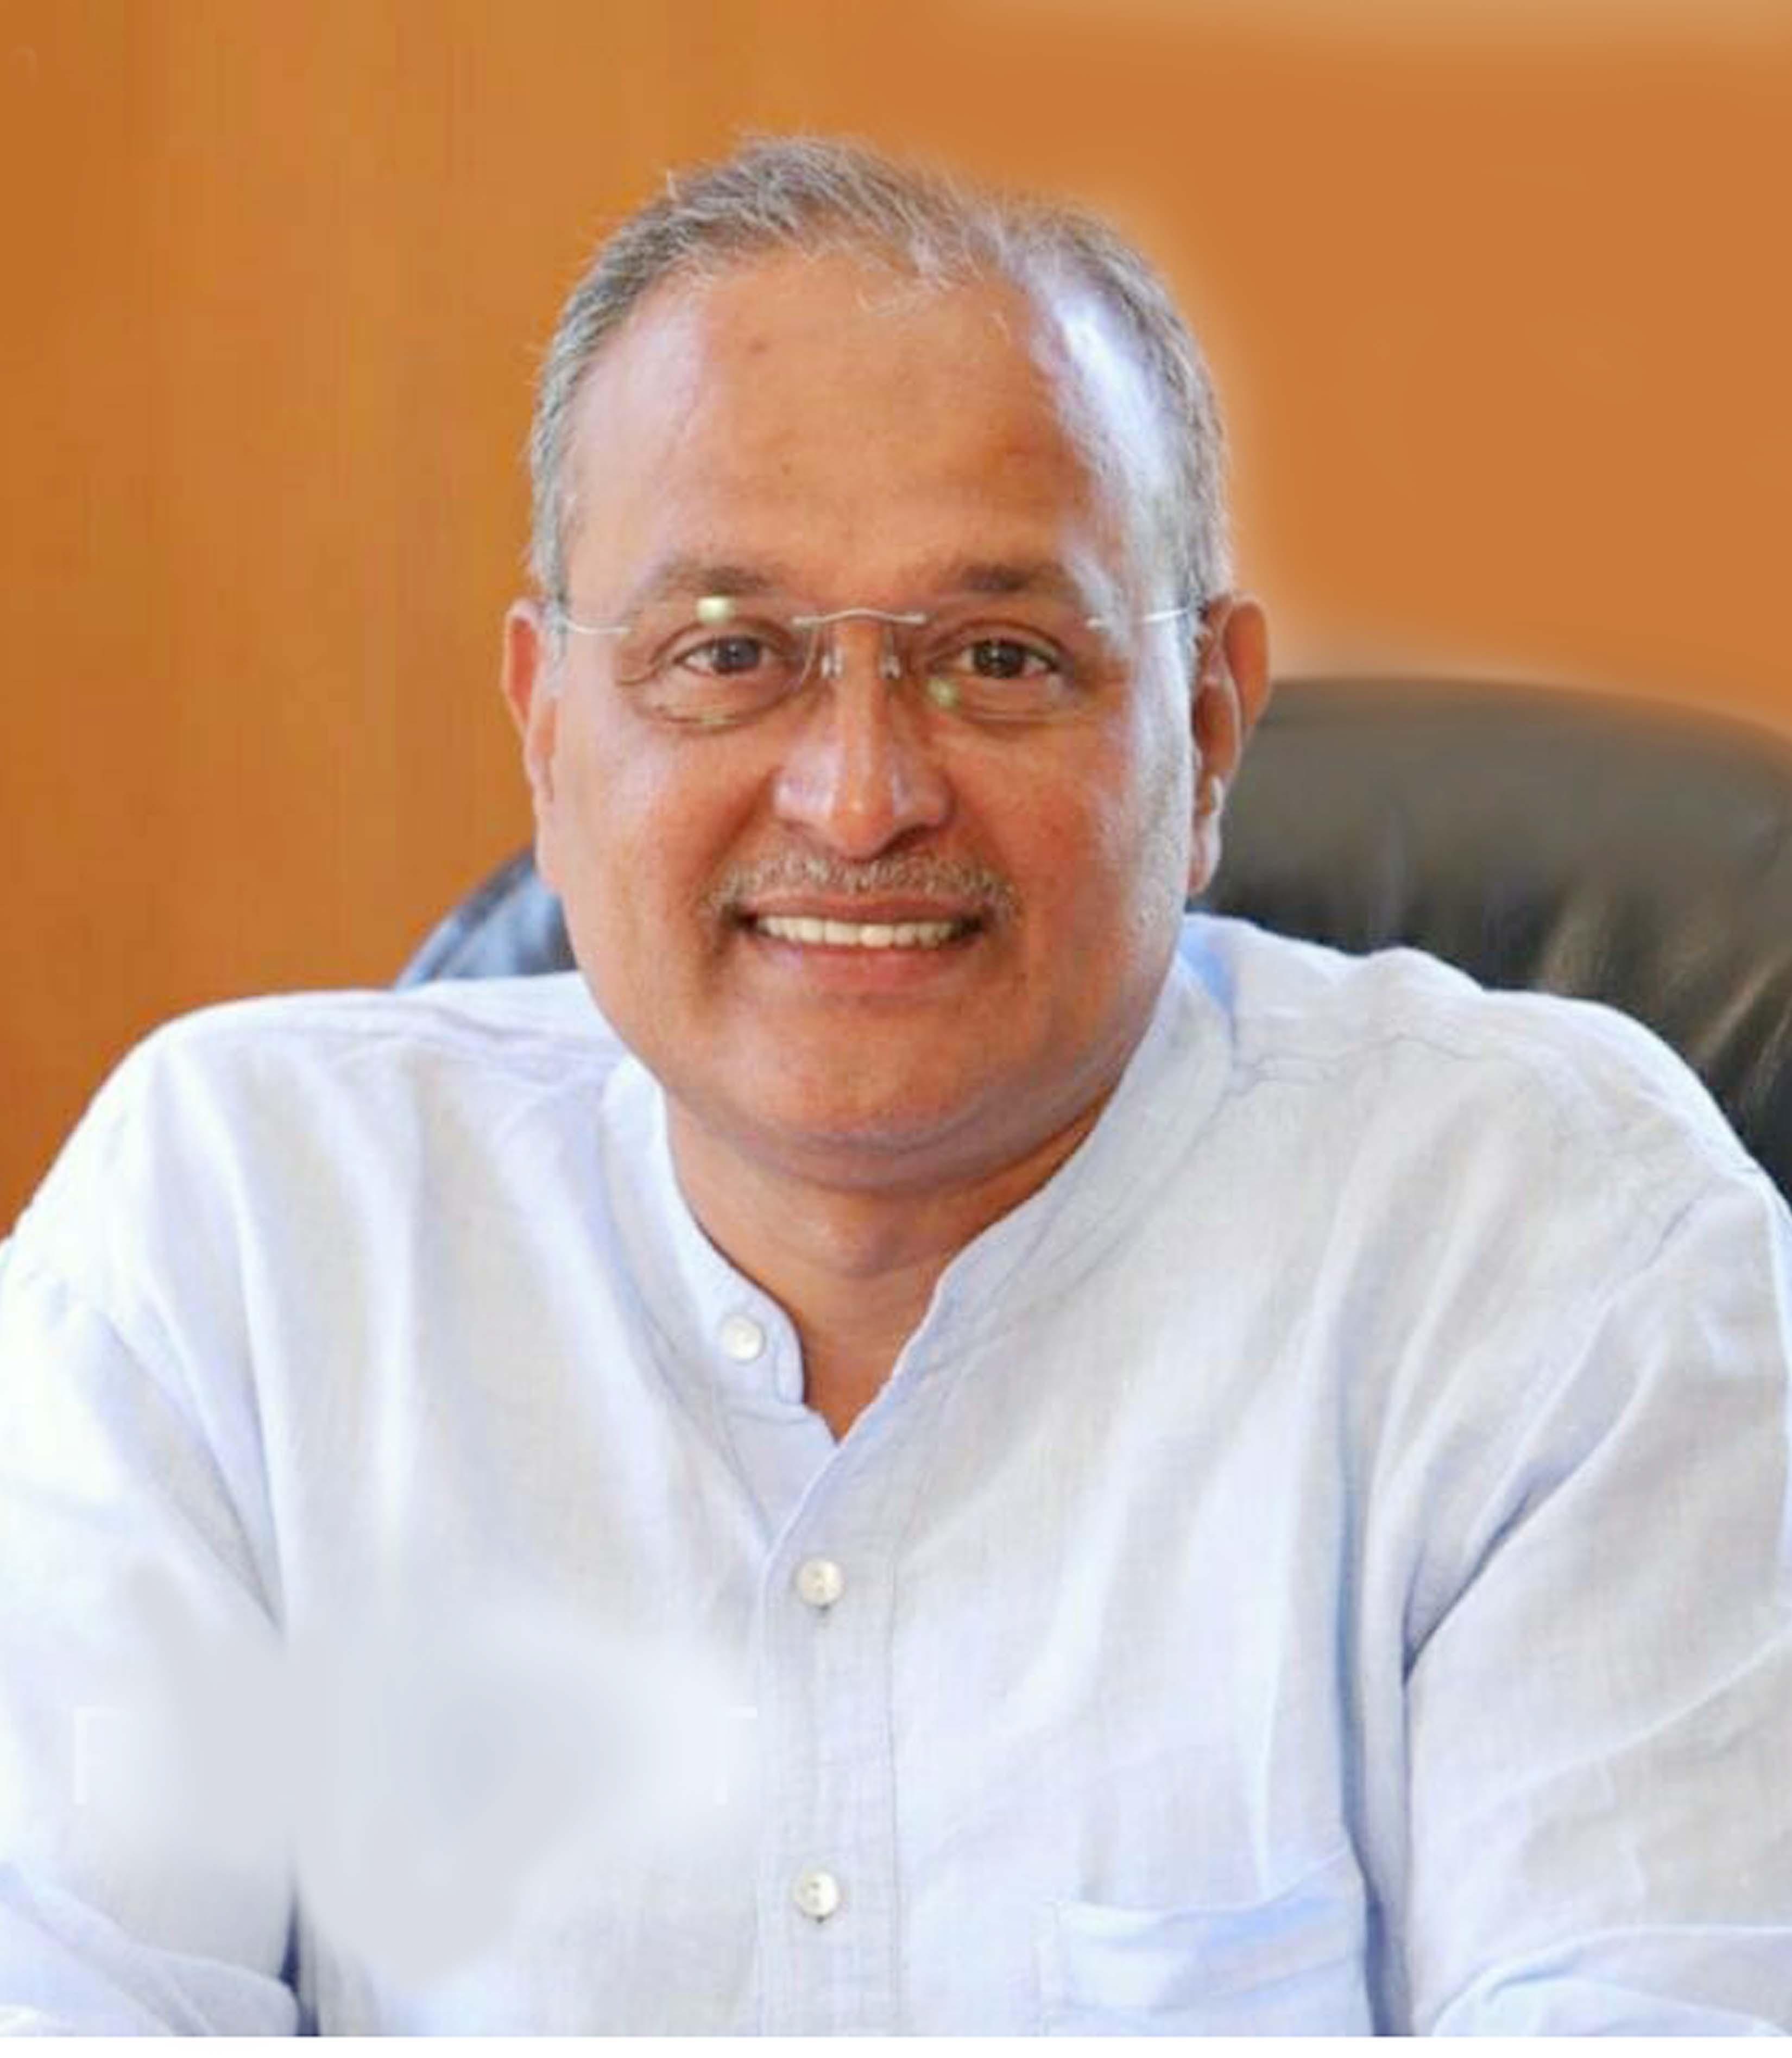 ಶ್ರೀಯತ ಹೆಚ್.ಎಸ್ ಶಿವಕುಮಾರ್ ರವರು